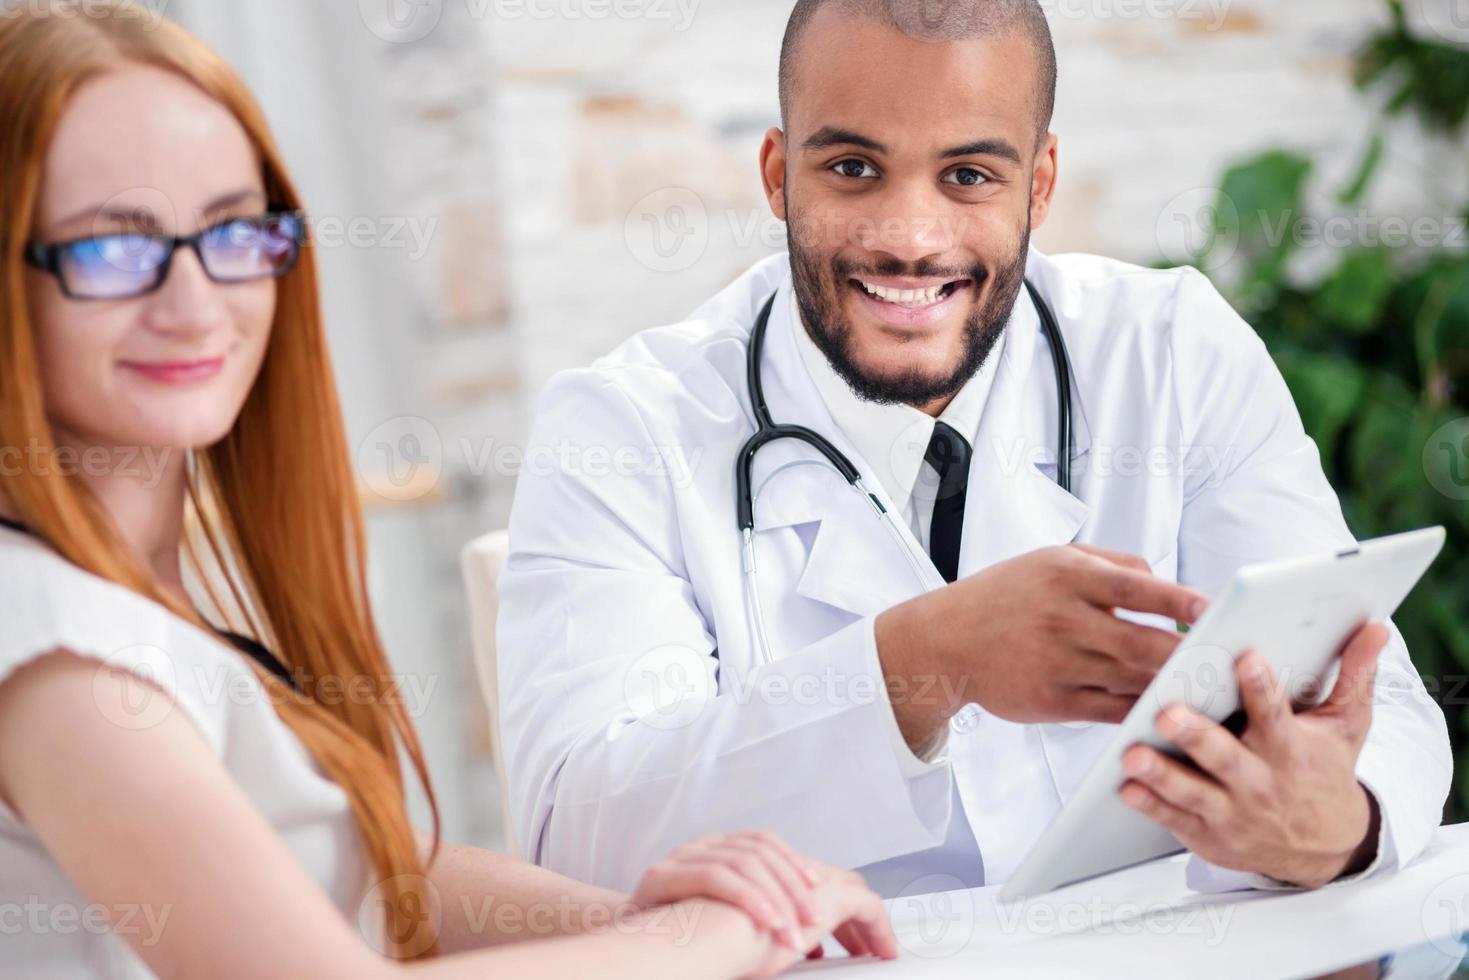 médico alegre, segurando um tablet nas mãos e olhando foto